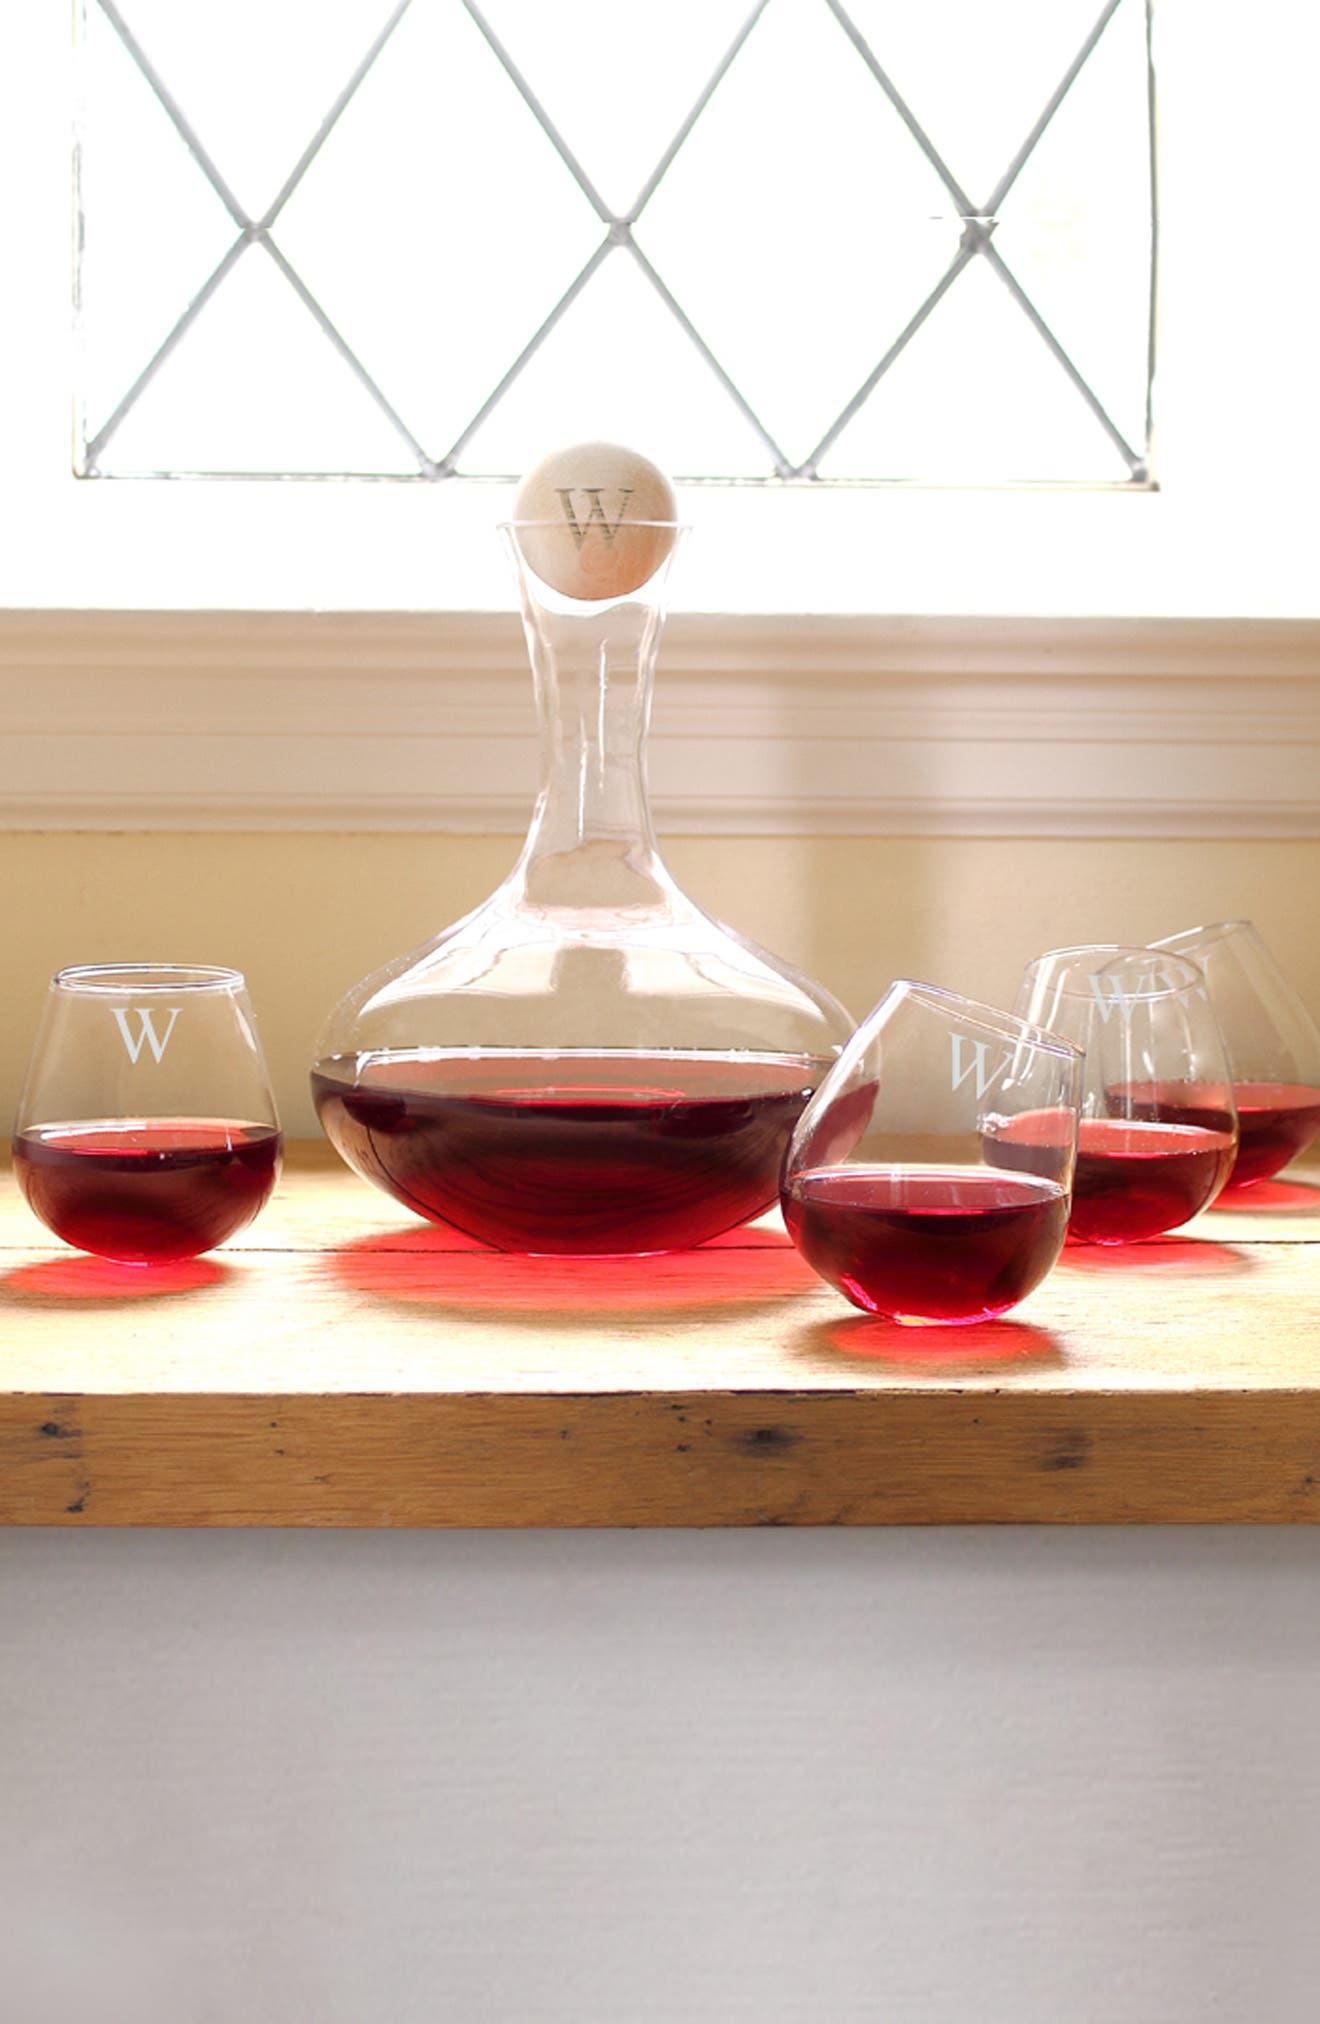 'Tipsy' Monogram Wine Decanter & Stemless Glasses,                             Alternate thumbnail 5, color,                             BLANK